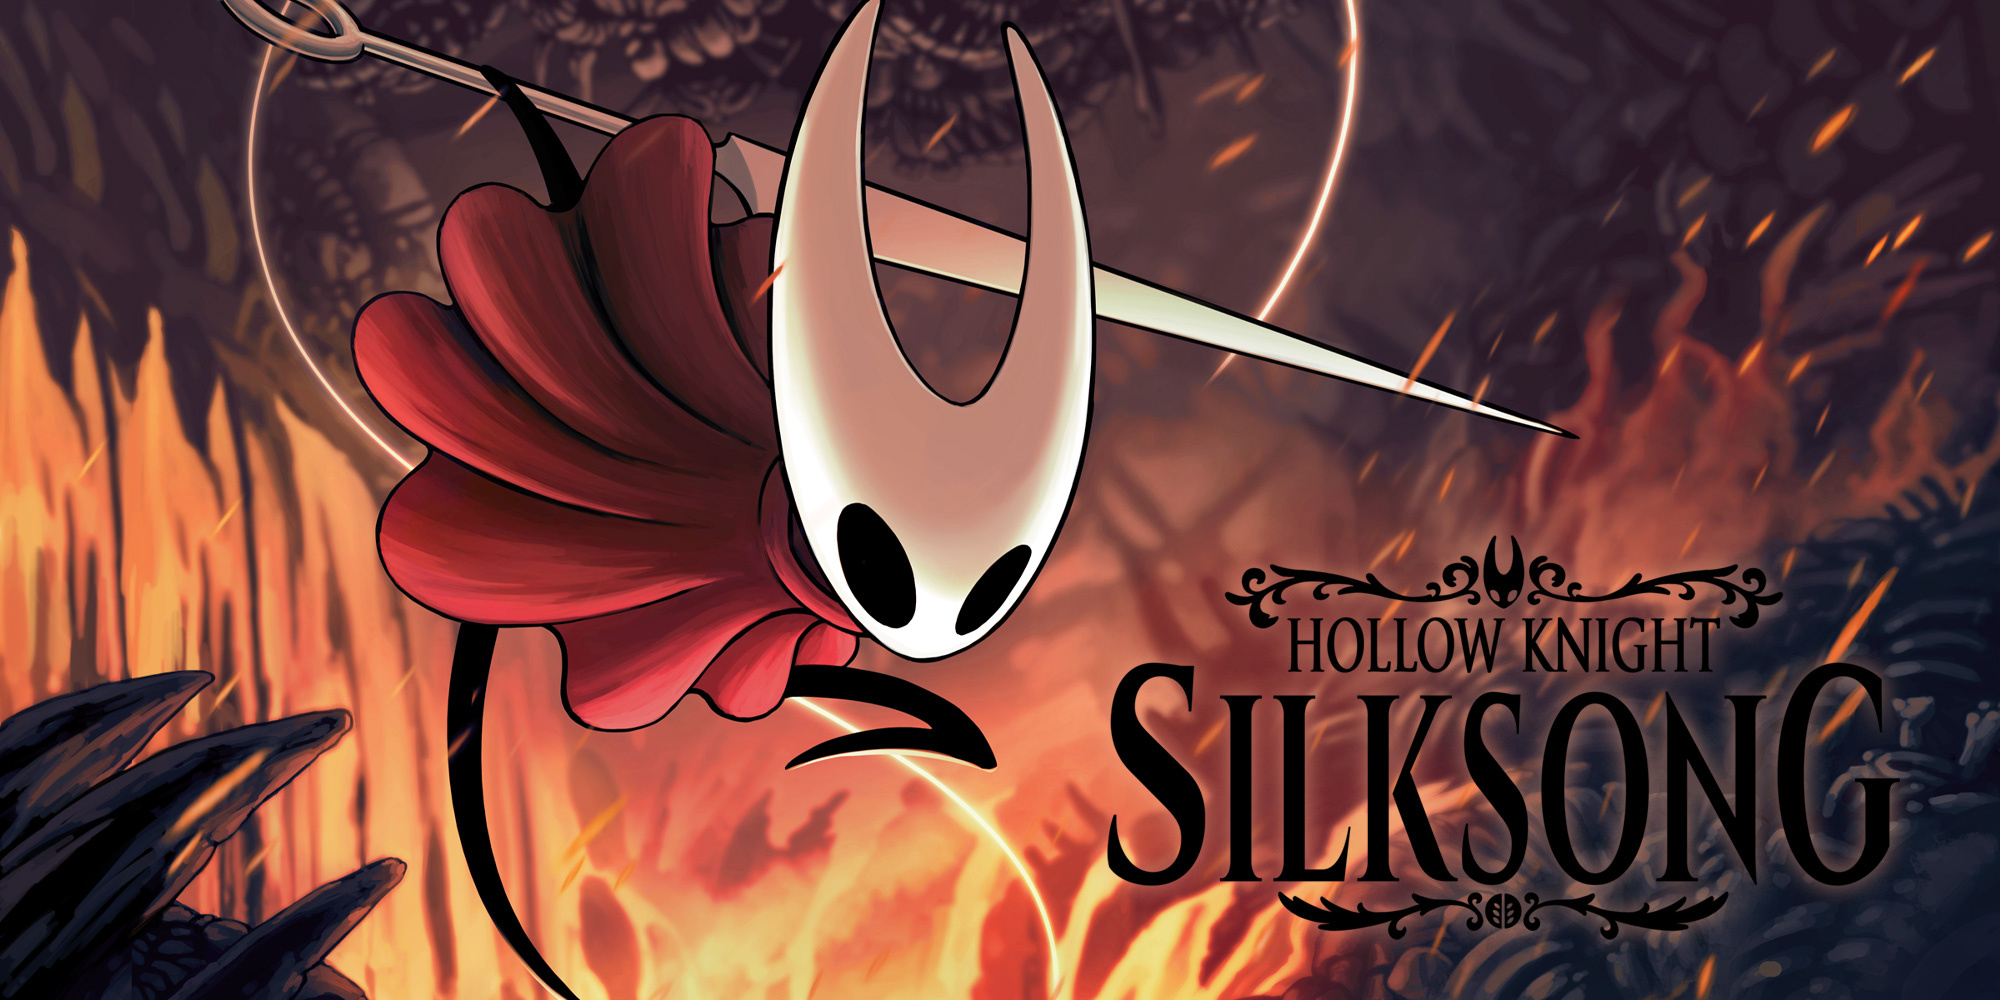 hollow knight silksong e3 update